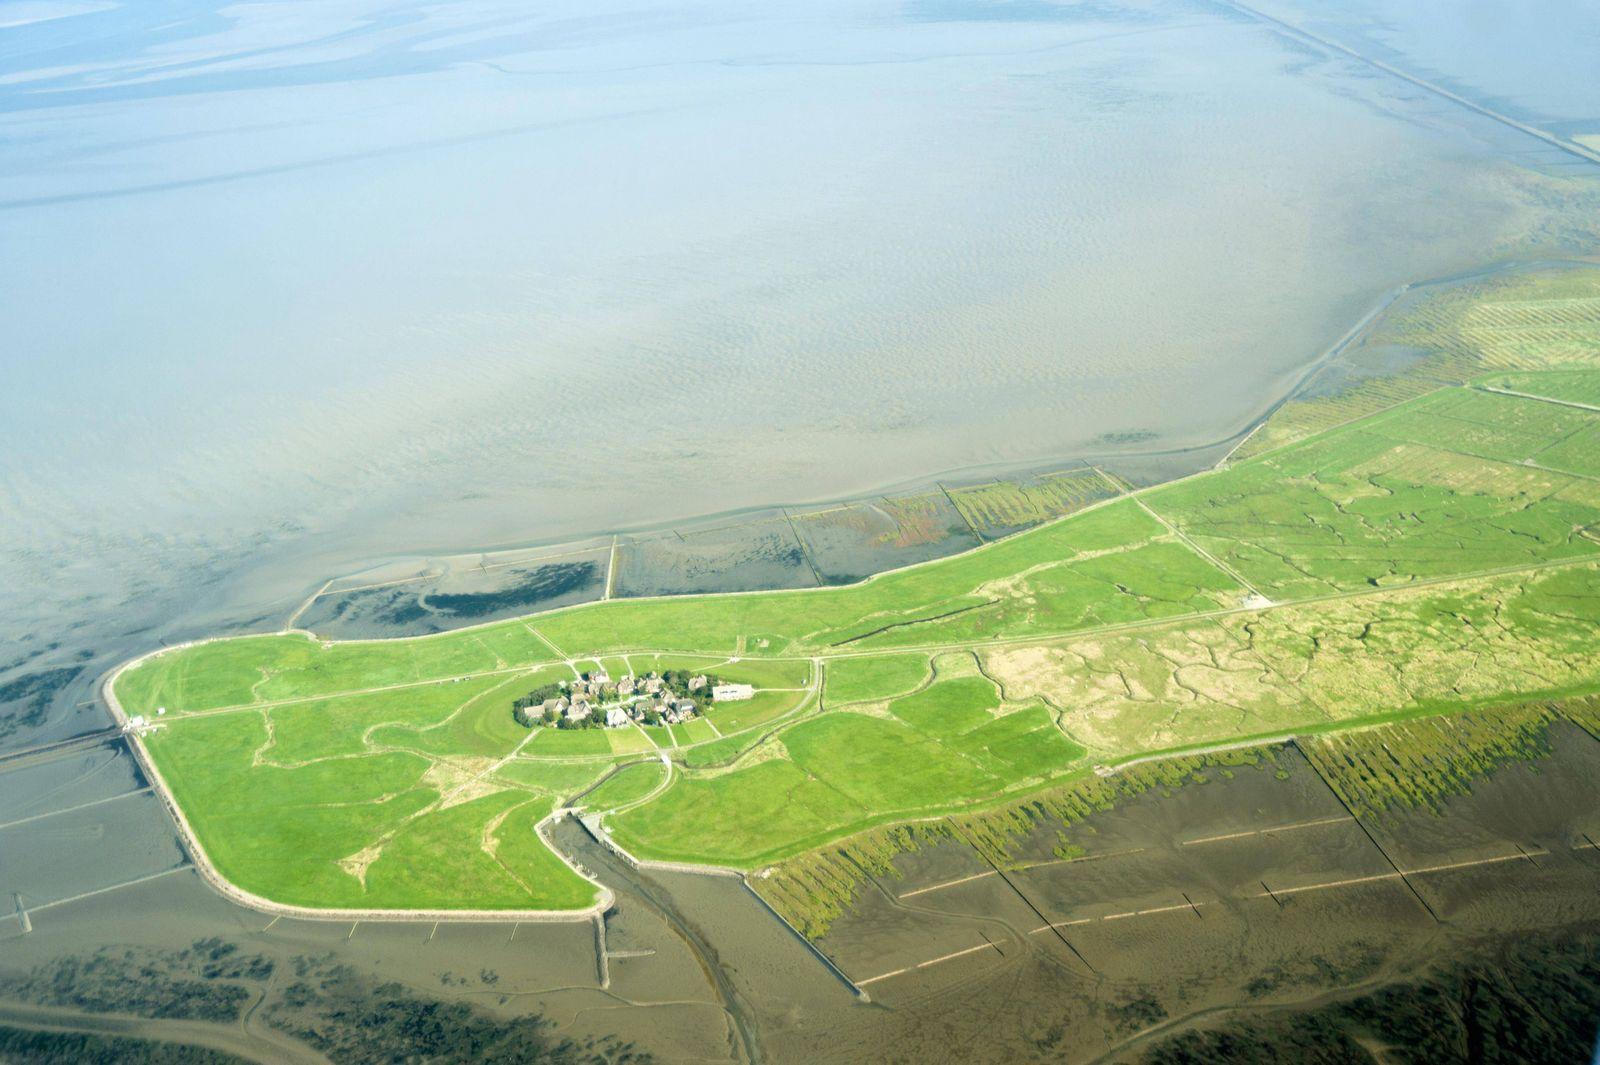 Luftbild vom Schleswig Holsteinischen Nationalpark Wattenmeer bei Hallig Oland PUBLICATIONxINxGERxSU